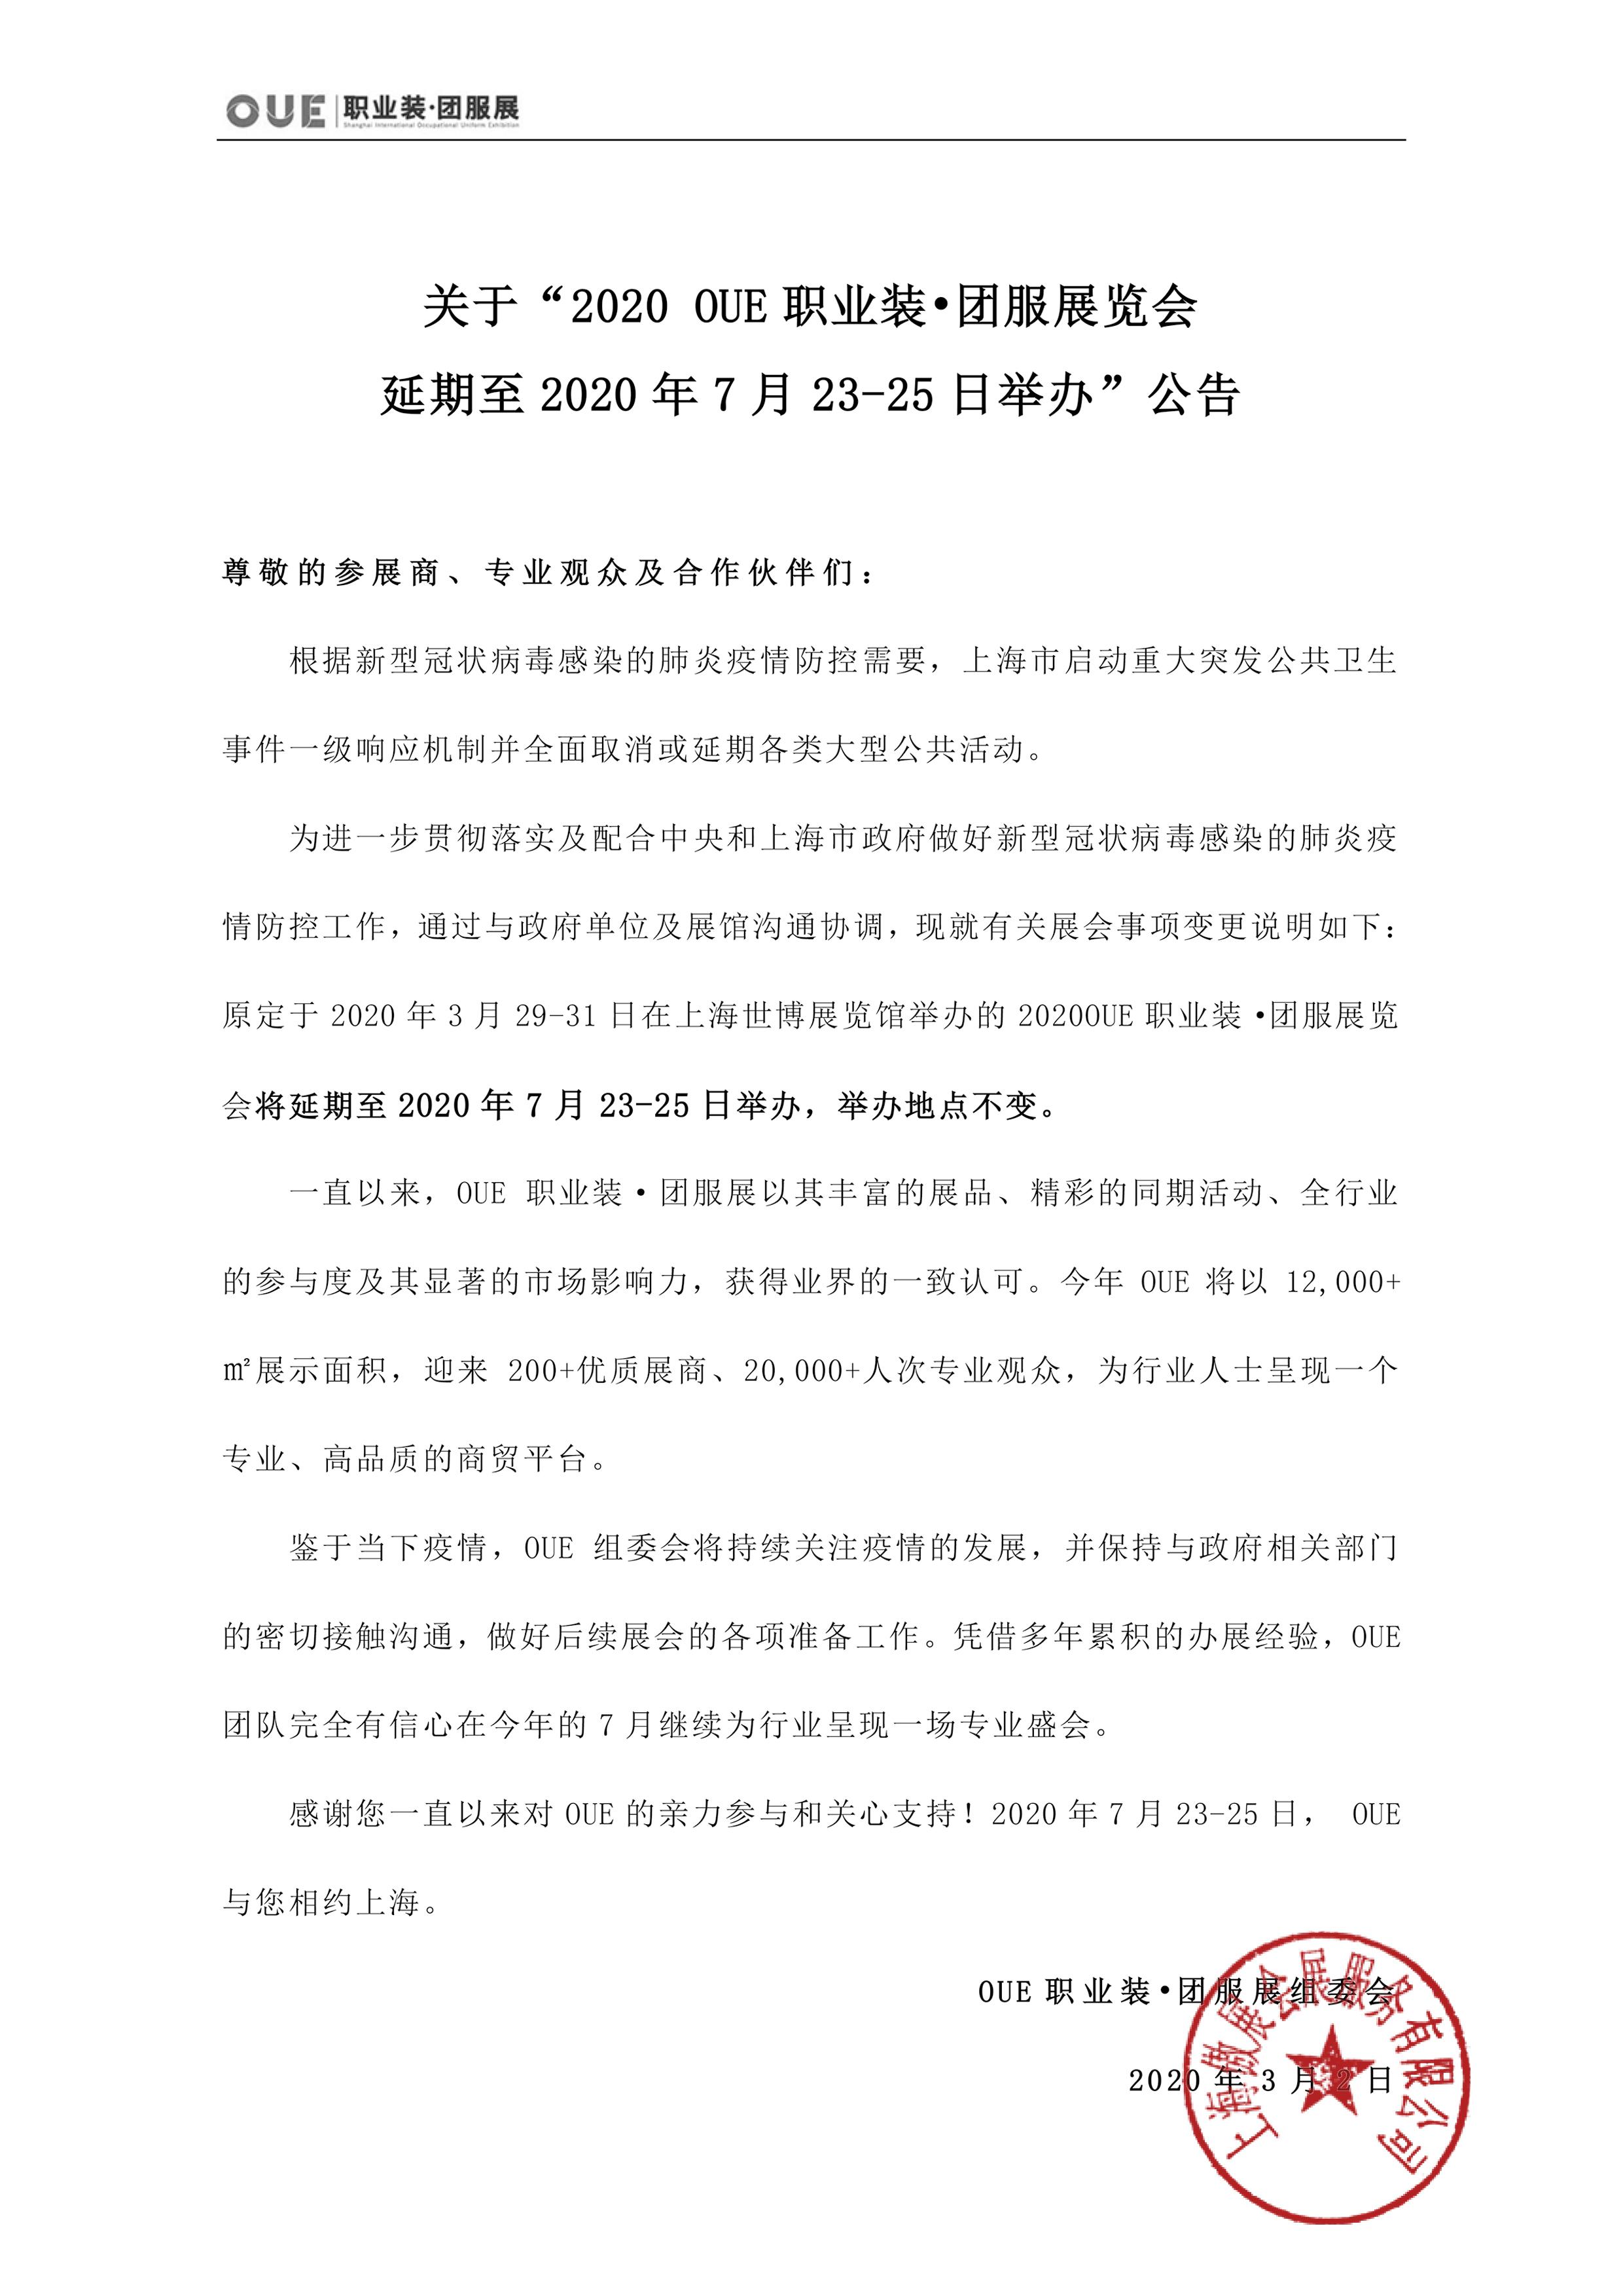 【展会动态】关于OUE职业装·团服展延期至2020年7月23-25日举办公告